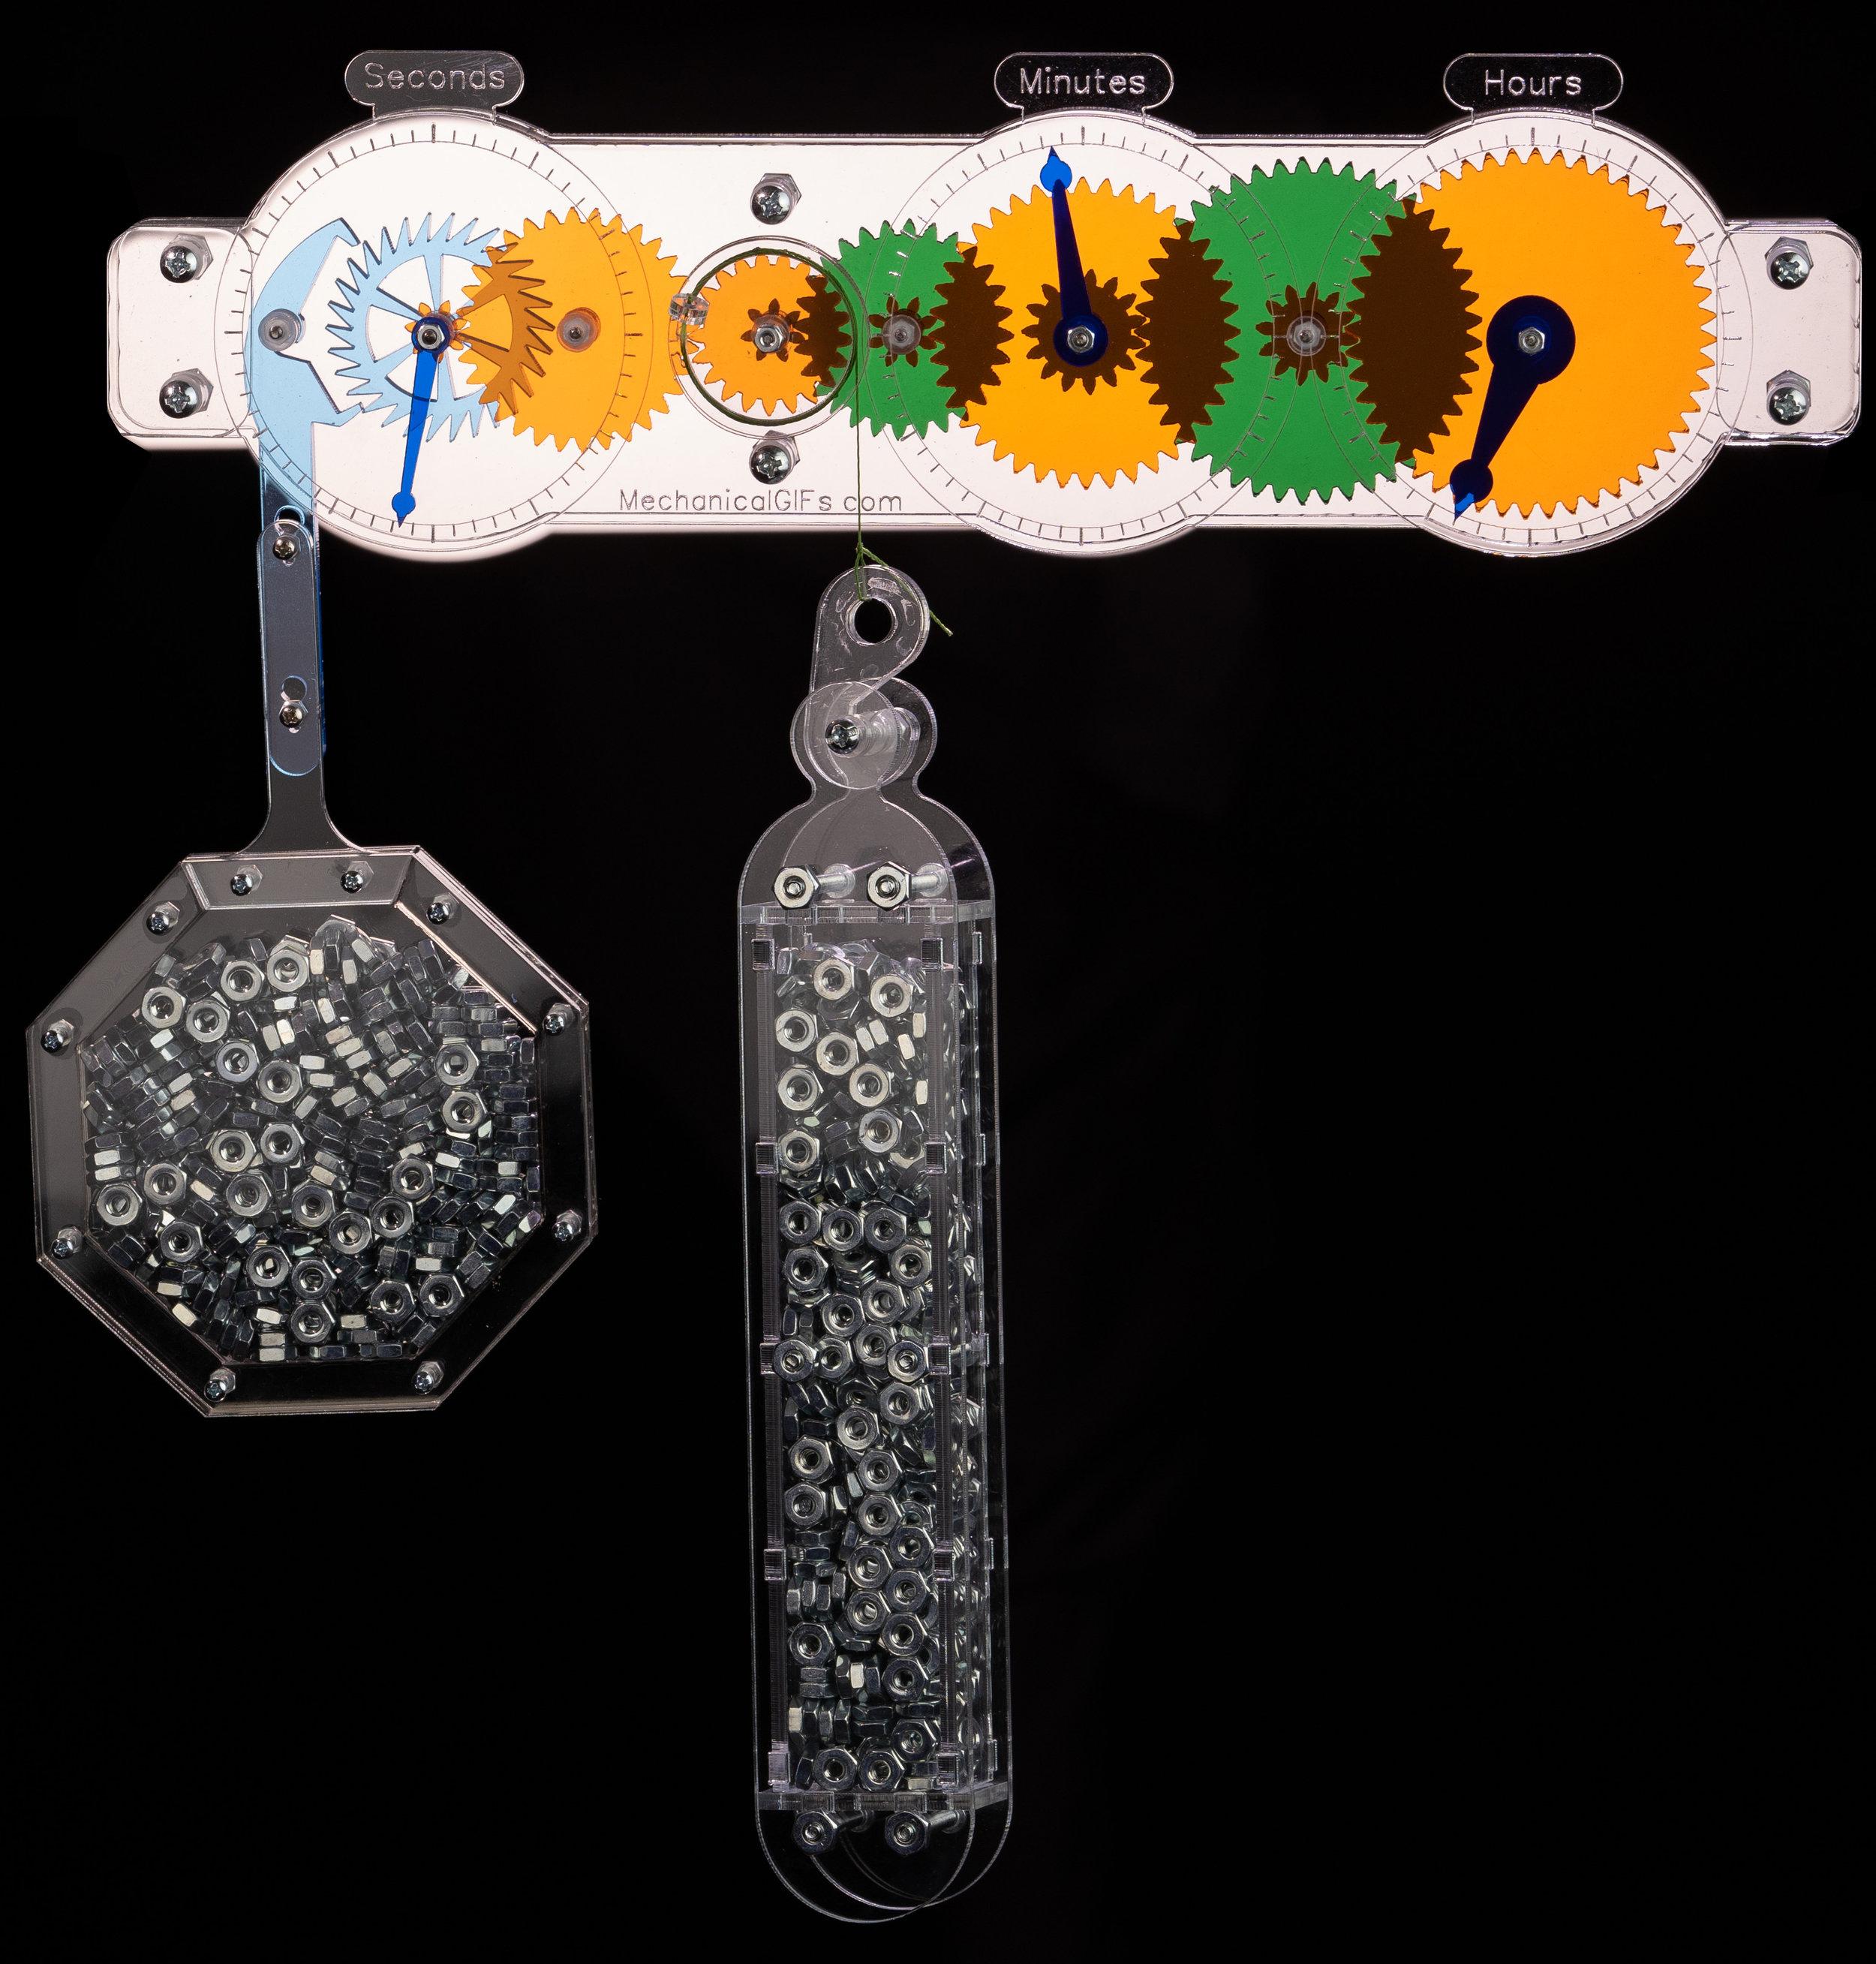 PendulumClock.jpg